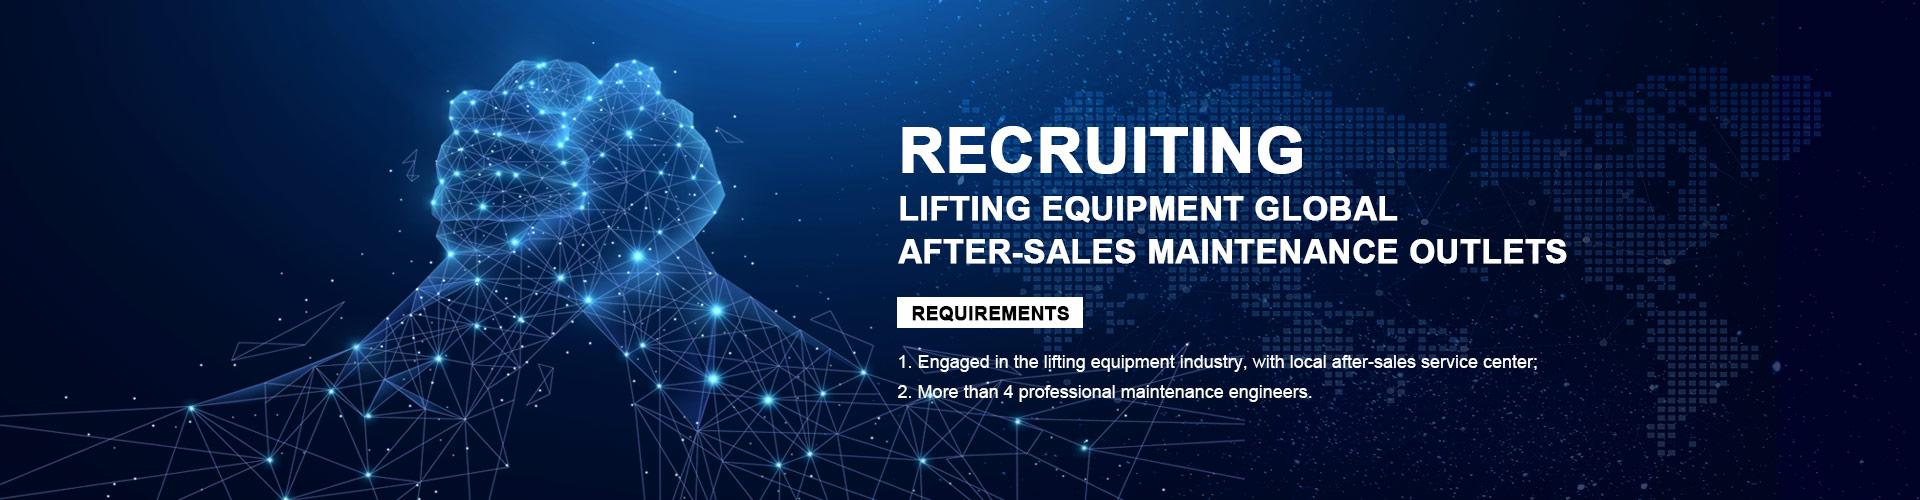 Recruiting banner